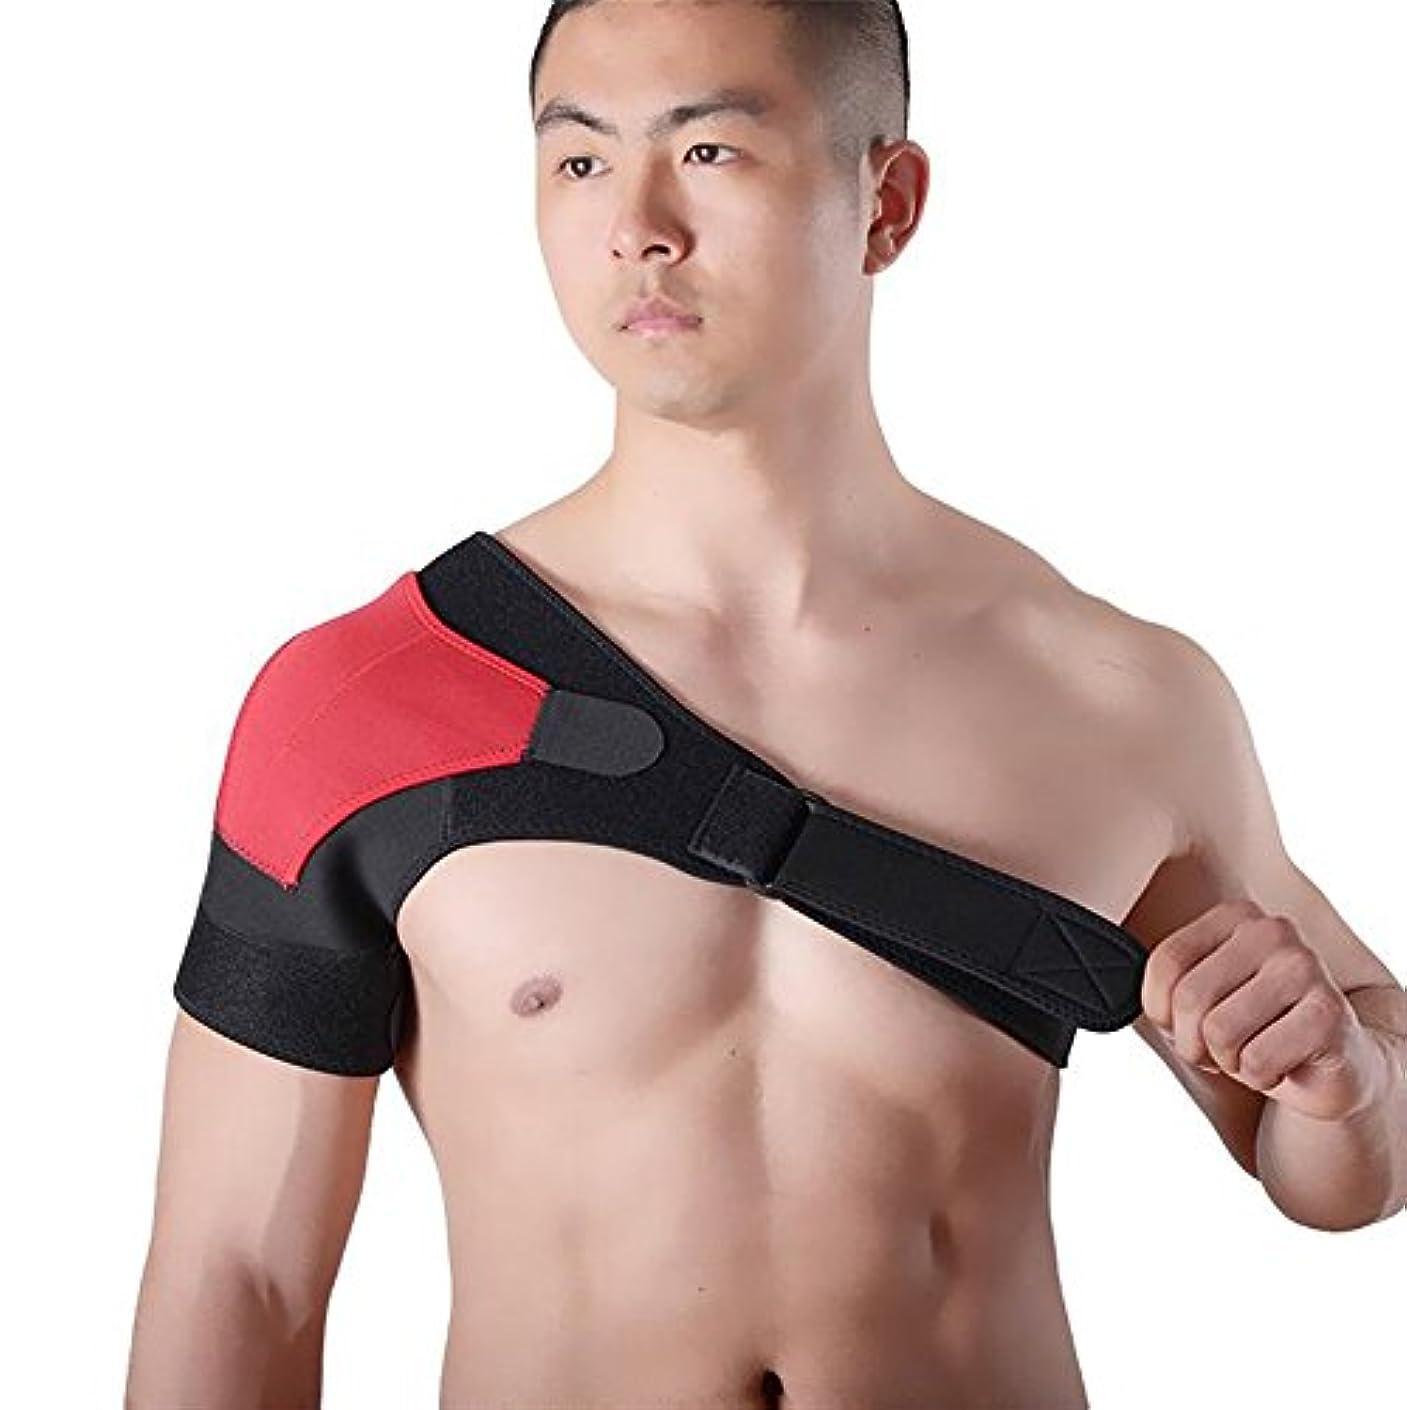 流すスポークスマン練習したZSZBACE 肩サポーター 右肩 左肩 肩 肩固定 けが 防止 マジック テープ式 男女兼用 簡単装着 (左肩用, レッド)